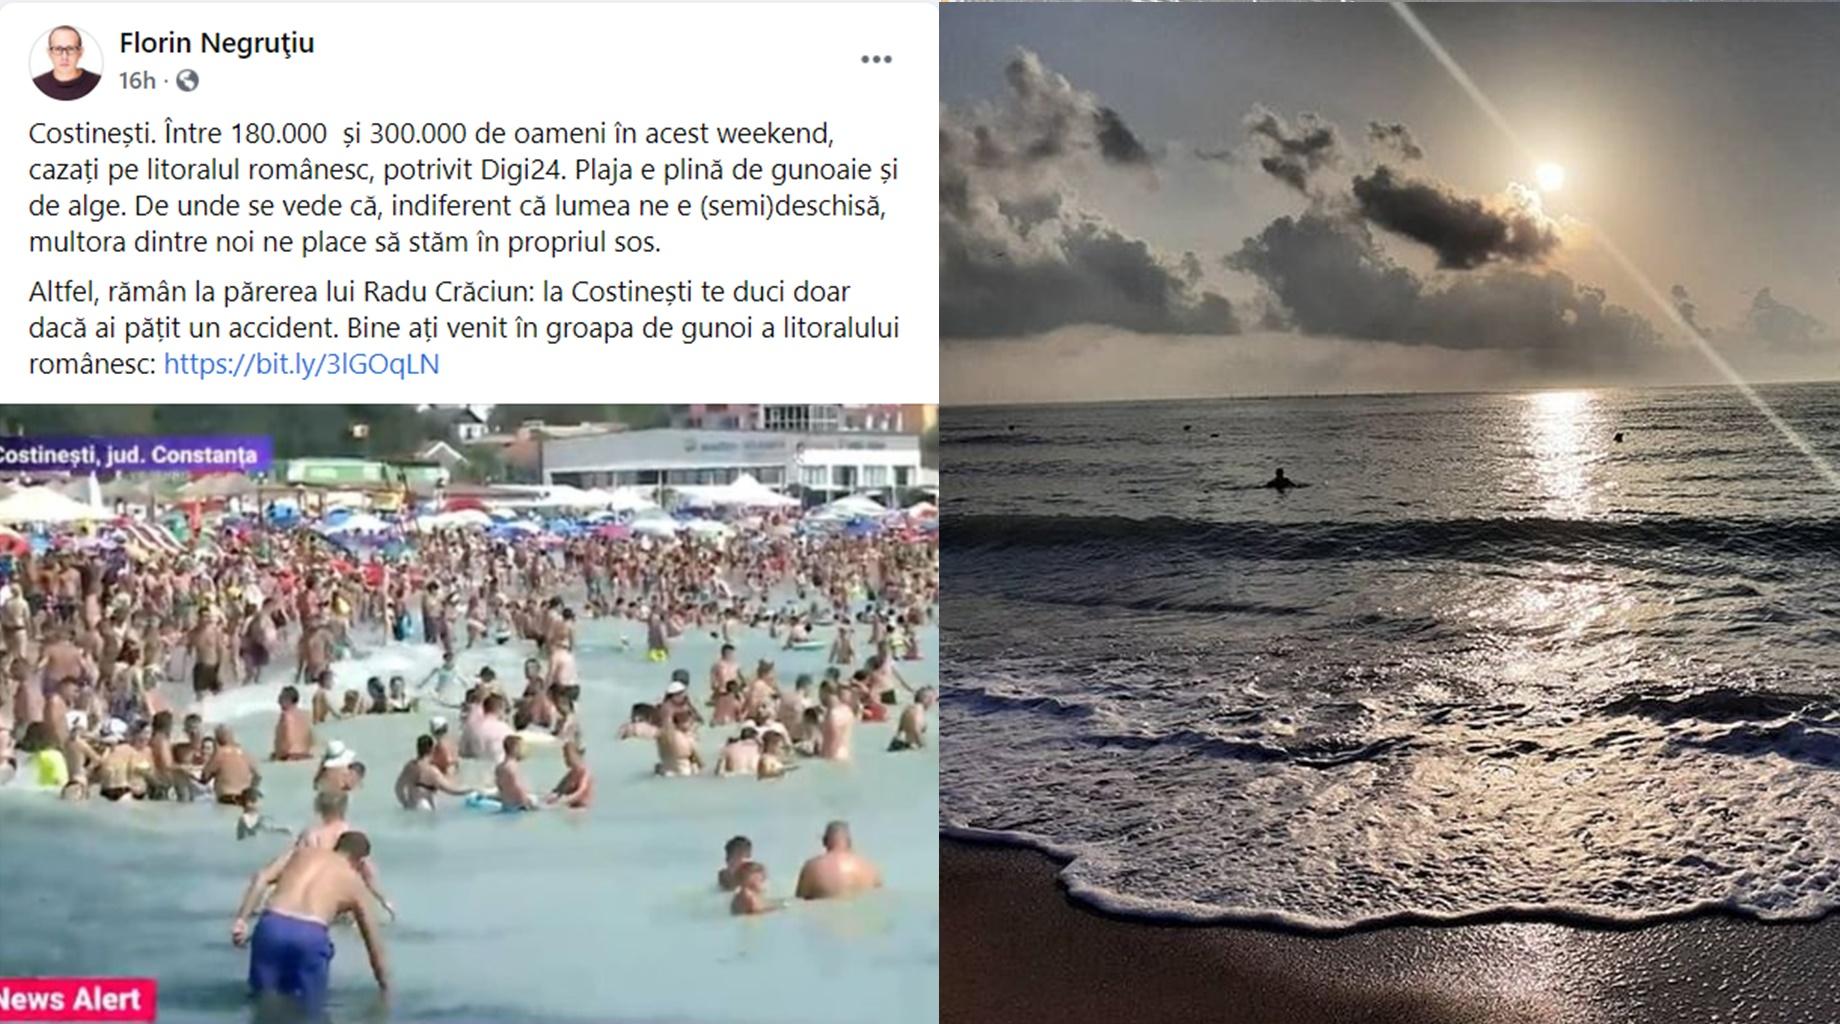 DIGI24 denigrează turismul românesc și românii care merg pe litoral! Apa e curată, plajele noastre sunt de vis